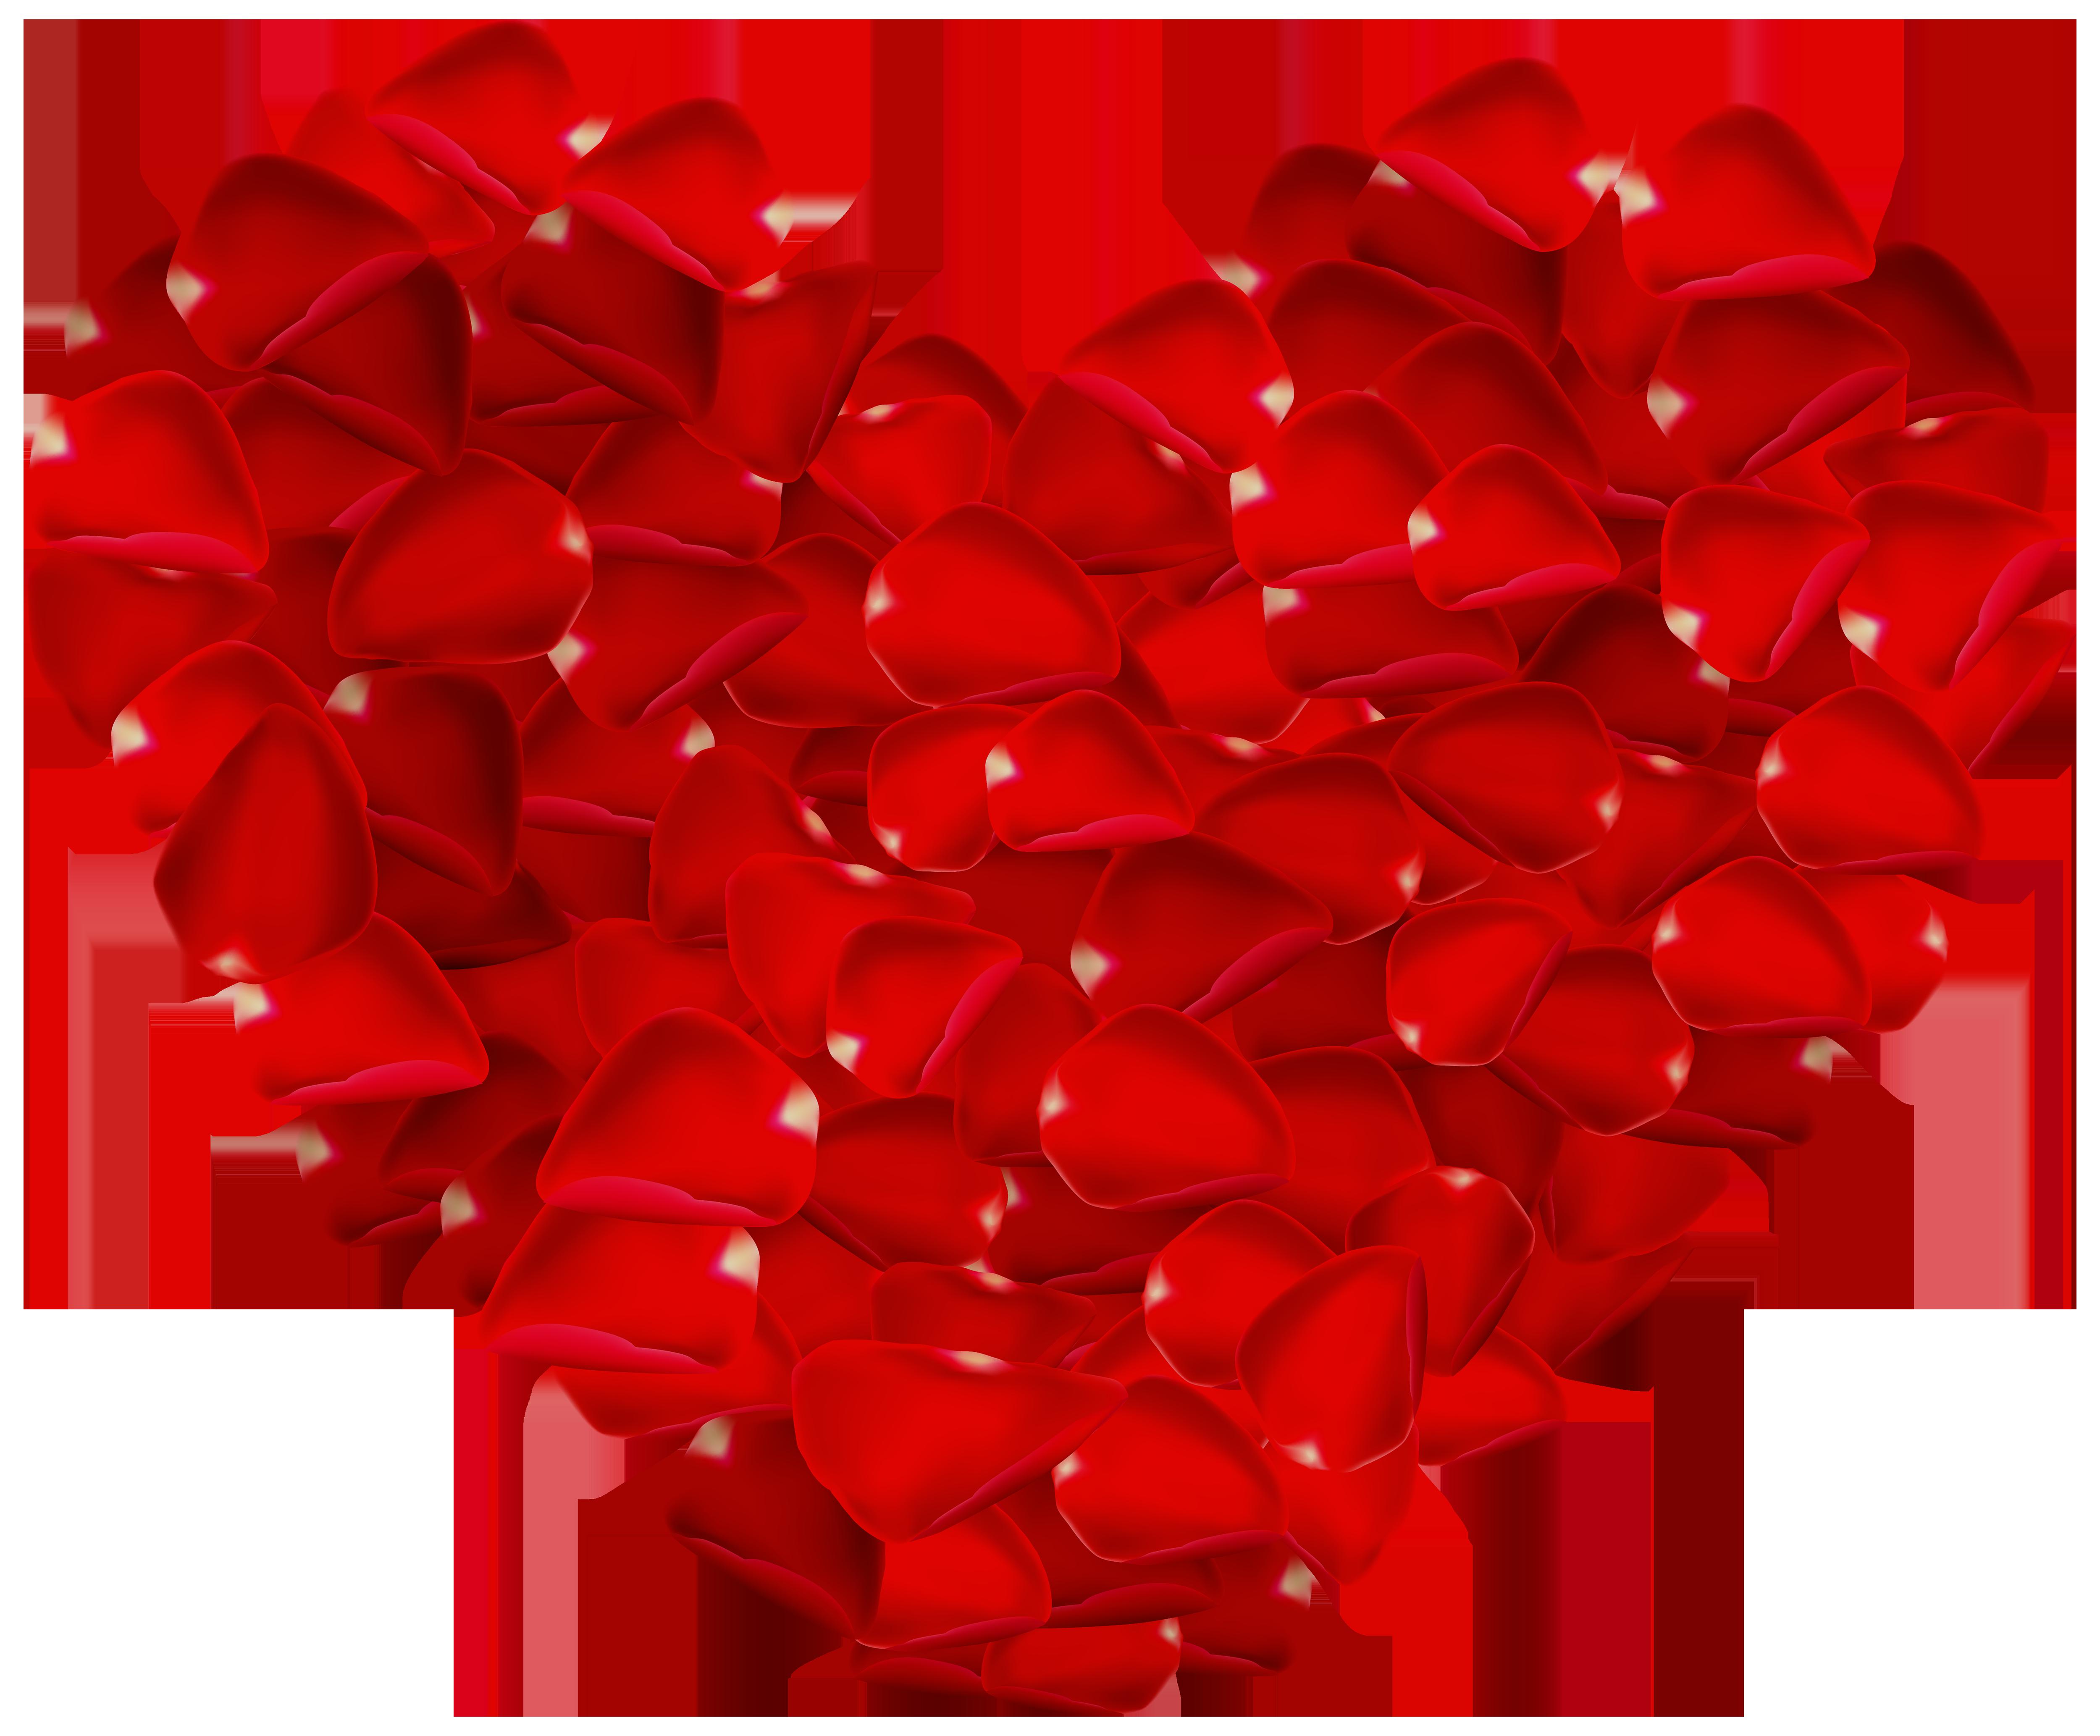 Rose Petals Heart PNG Clipart Image